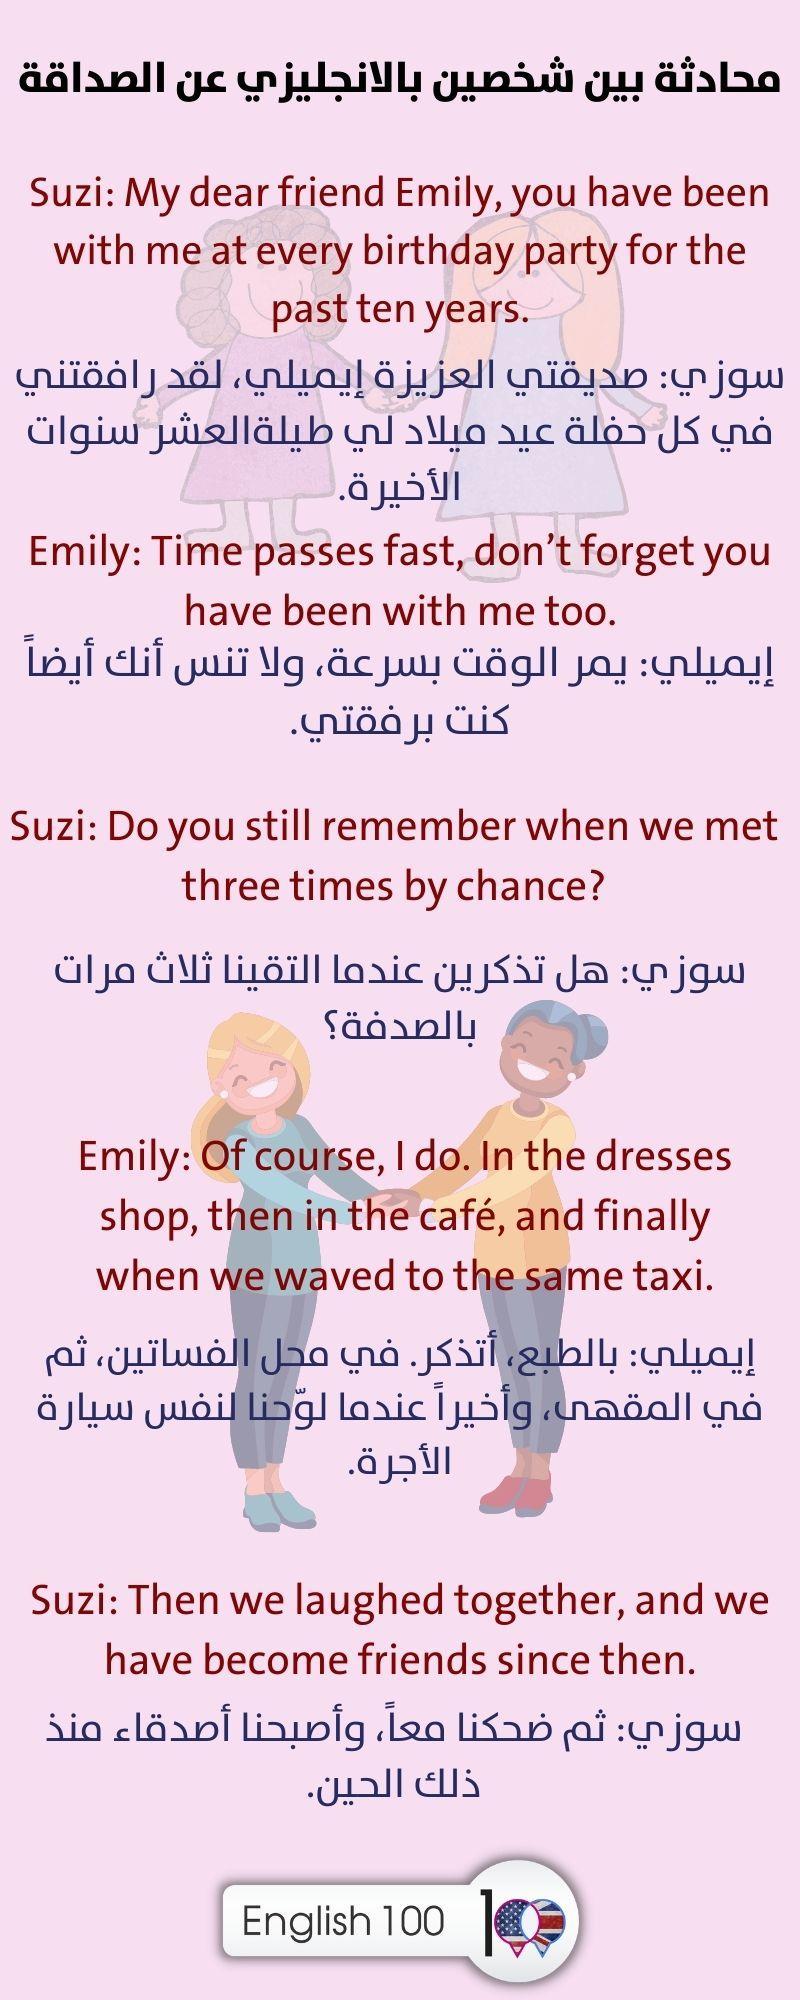 محادثة بين شخصين بالانجليزي عن الصداقة A Conversation between Two Persons in English about Friendship